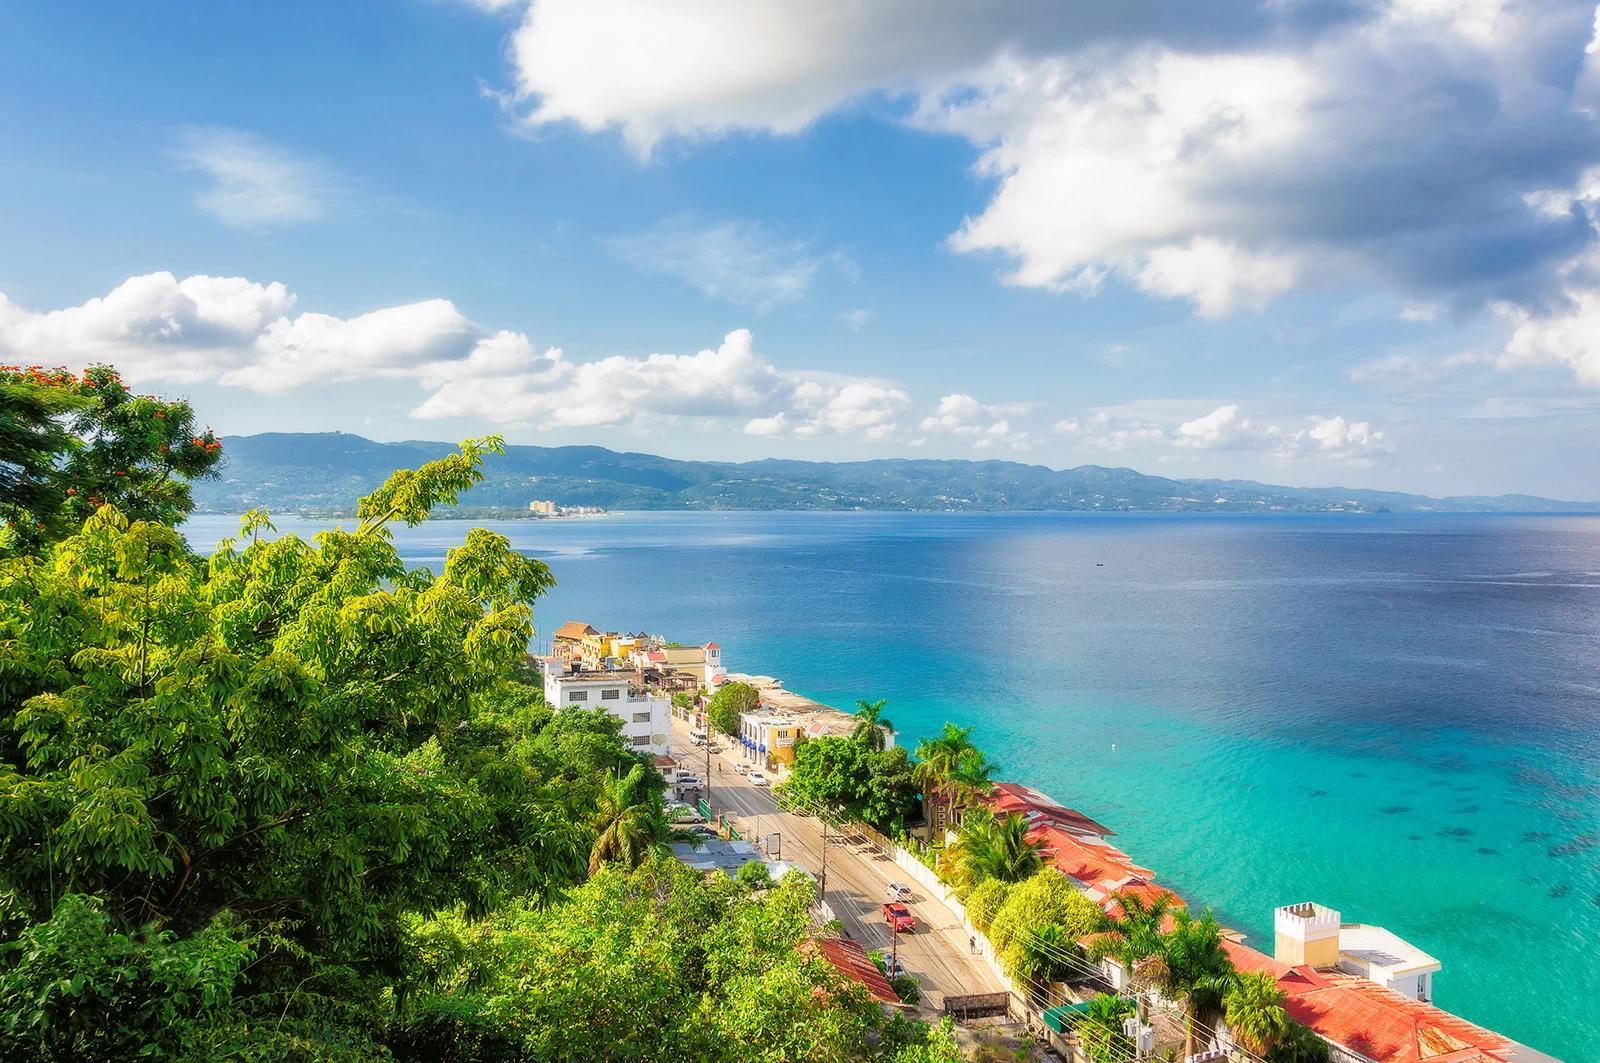 巴厘岛蓝梦岛 贝尼达岛6日5晚或7日6晚半自助游_成都